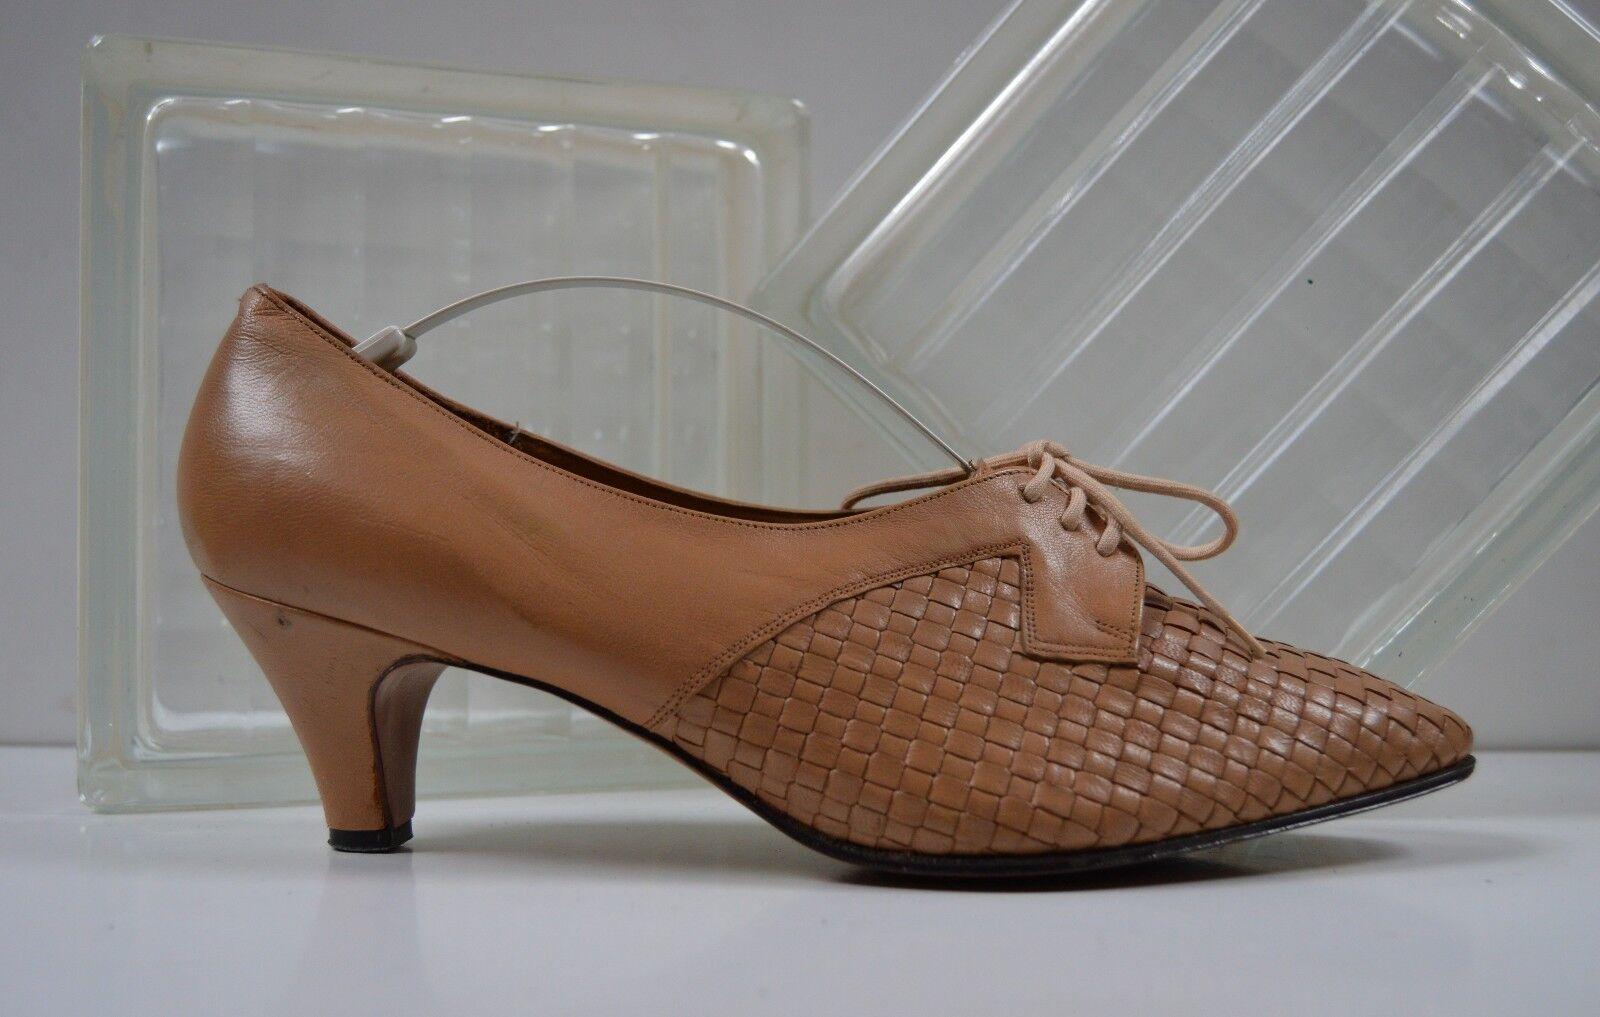 Salamander COMOD Femmes Escarpins Chaussure Lacée true vintage basses flechtchaussures